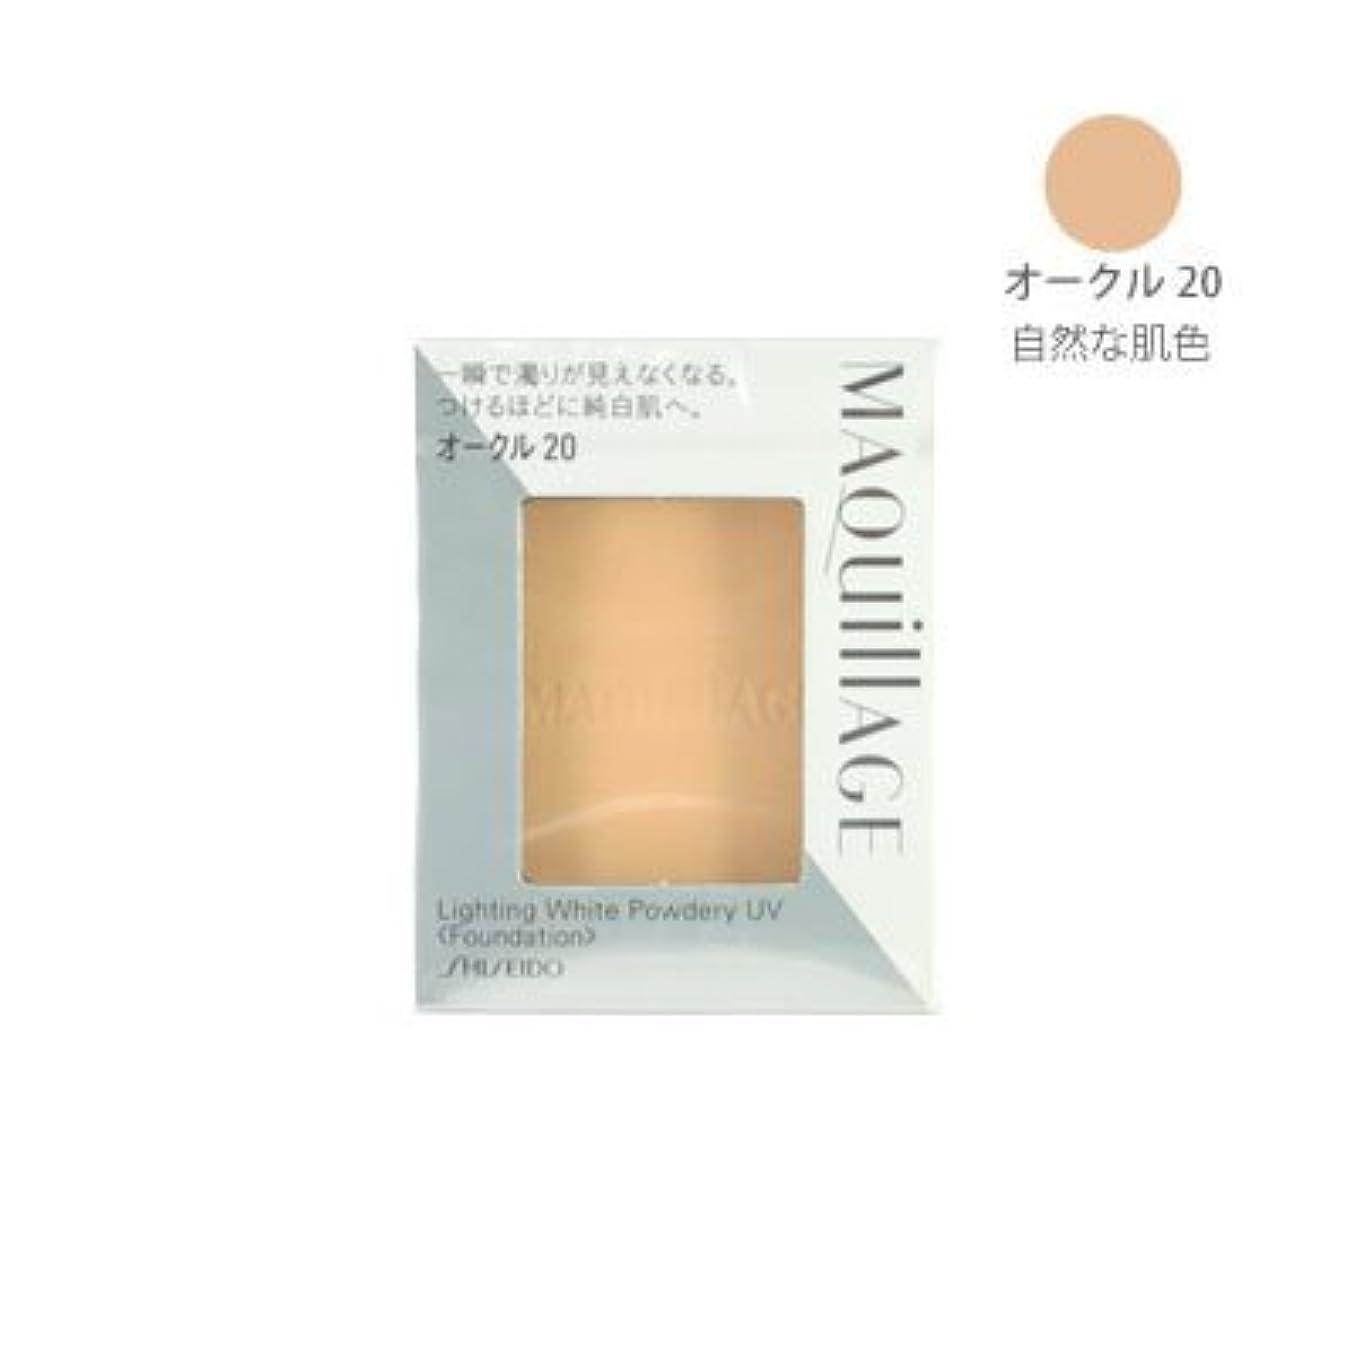 染色スペース群集資生堂 マキアージュ ライティング ホワイトパウダリー UV SPF25 PA++ 【レフィル】 10g オークル20 [並行輸入品]